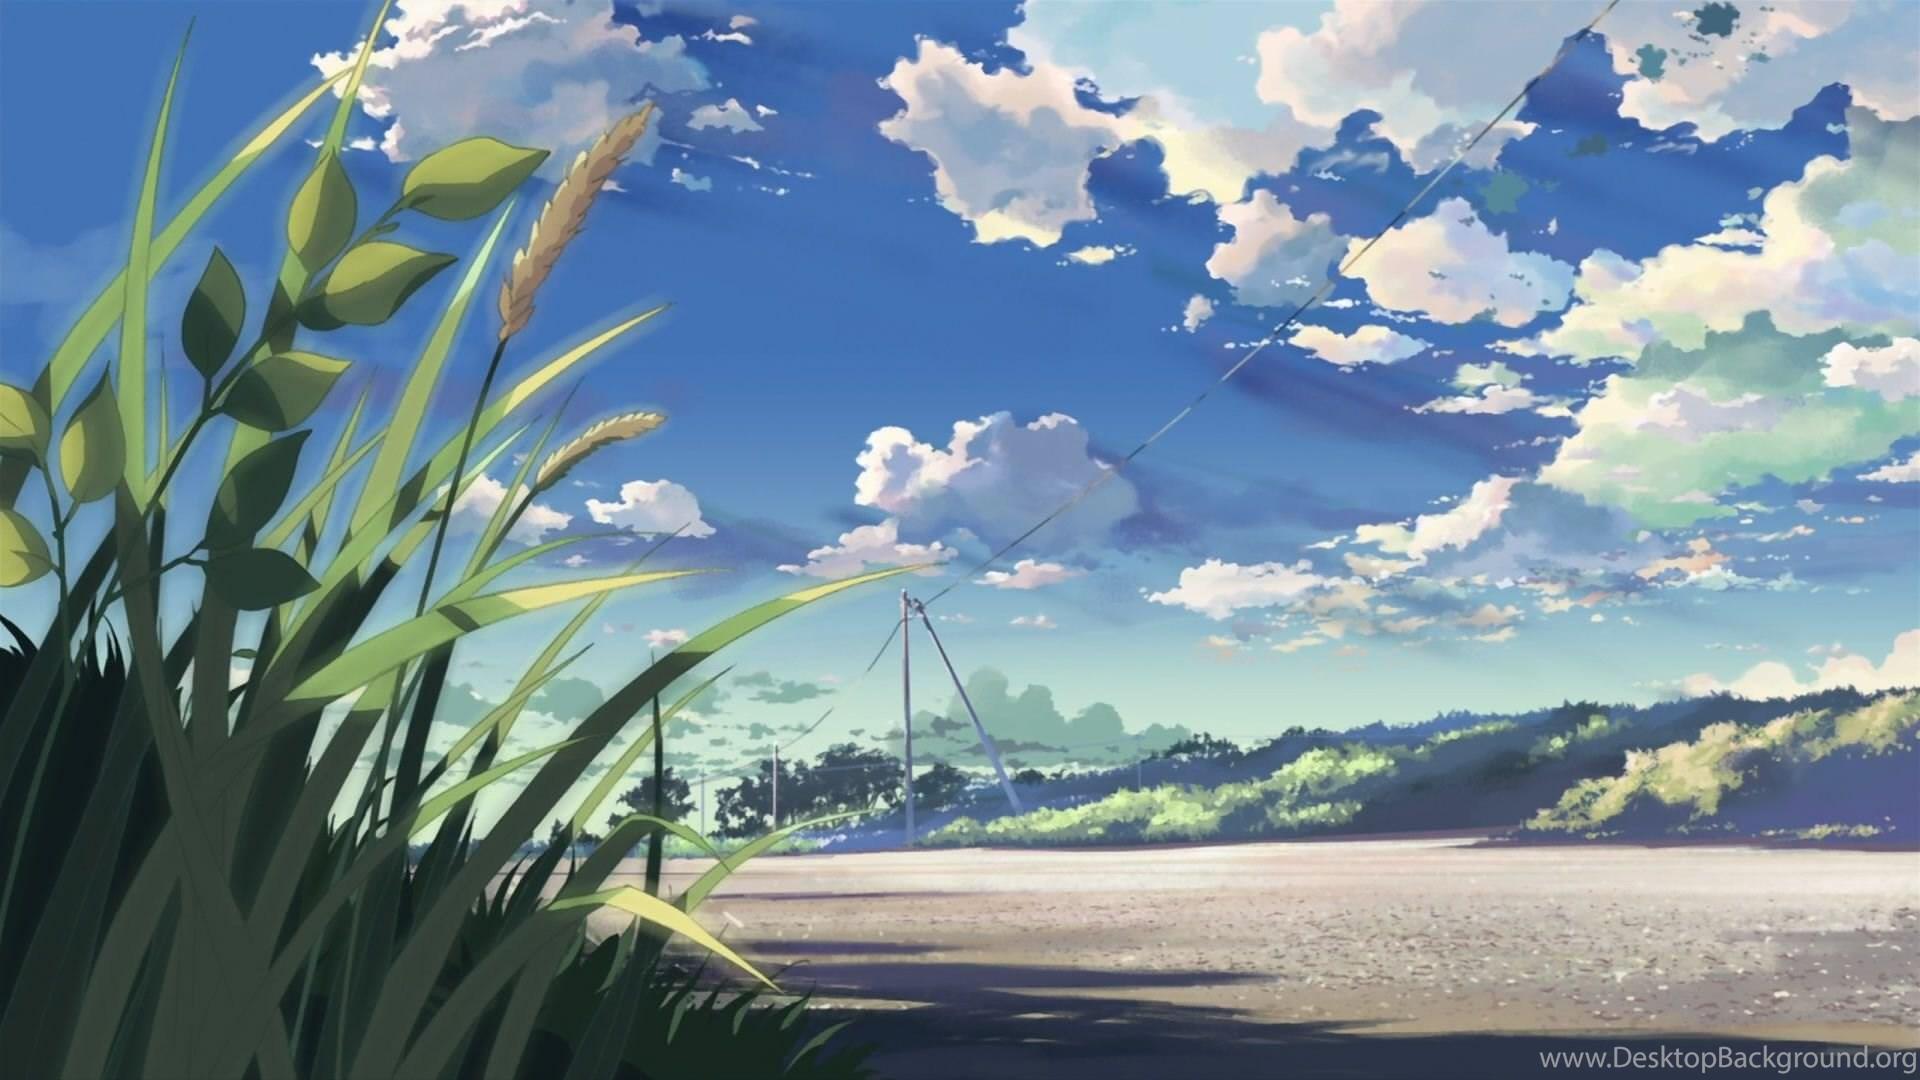 Aesthetic Anime Wallpapers On Pinterest Desktop Background